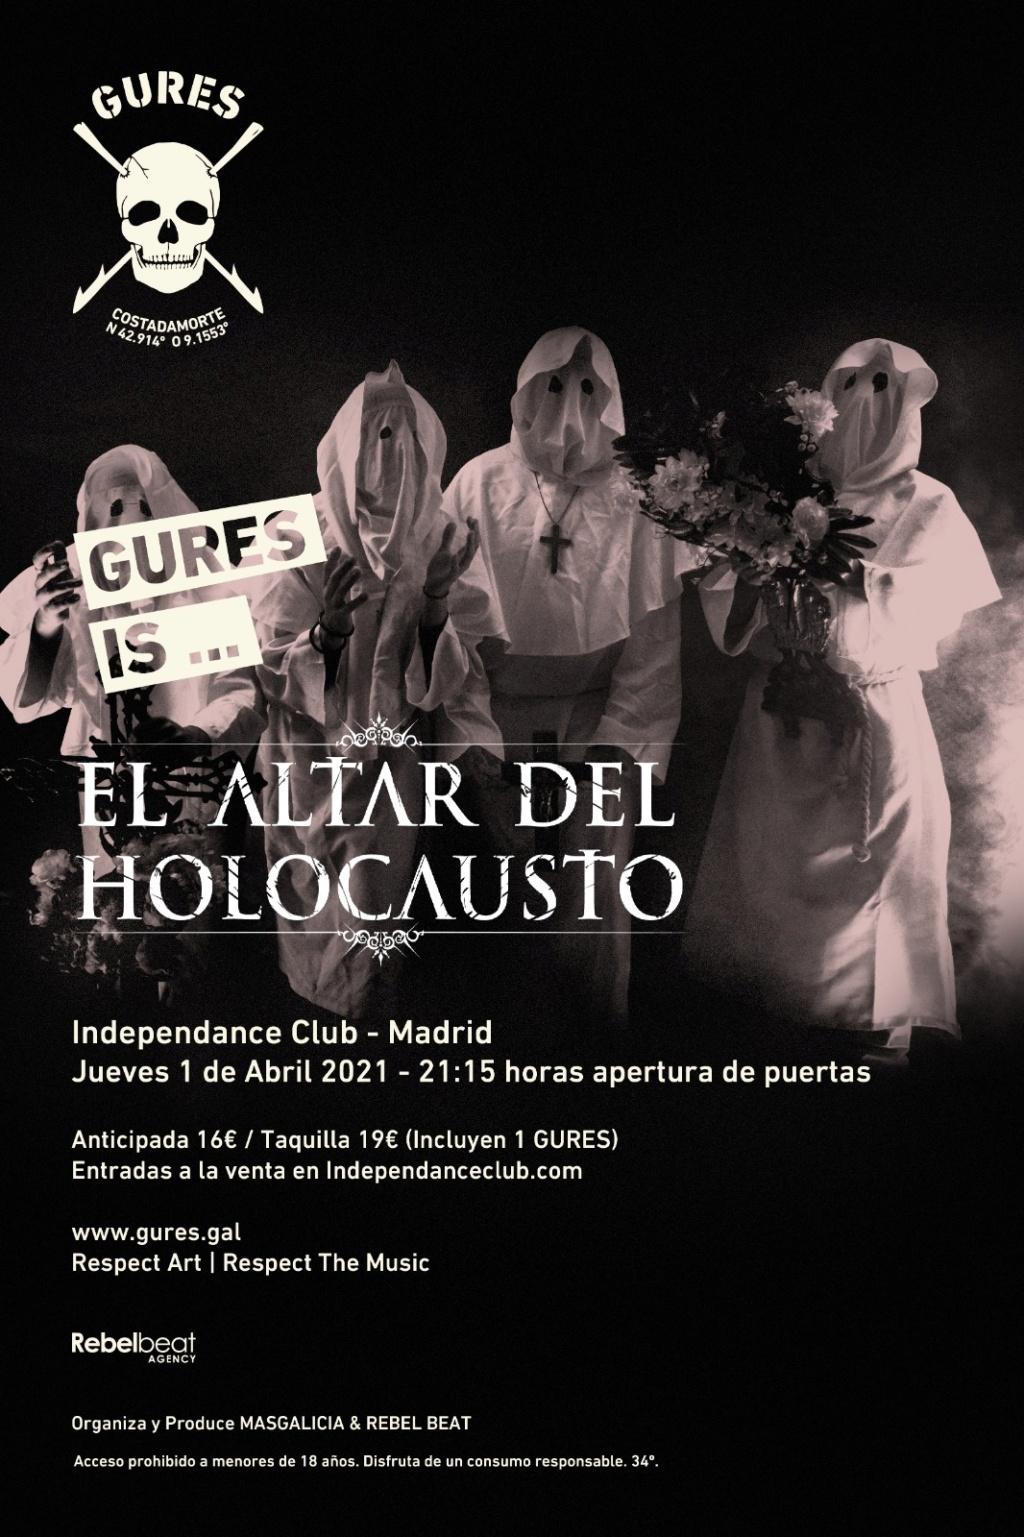 El Altar Del Holocausto: ¡¡¡✞ T R I N I DAD - Nuevo album el 19 de marzo ✞ !!!!! - Página 14 Img-2011